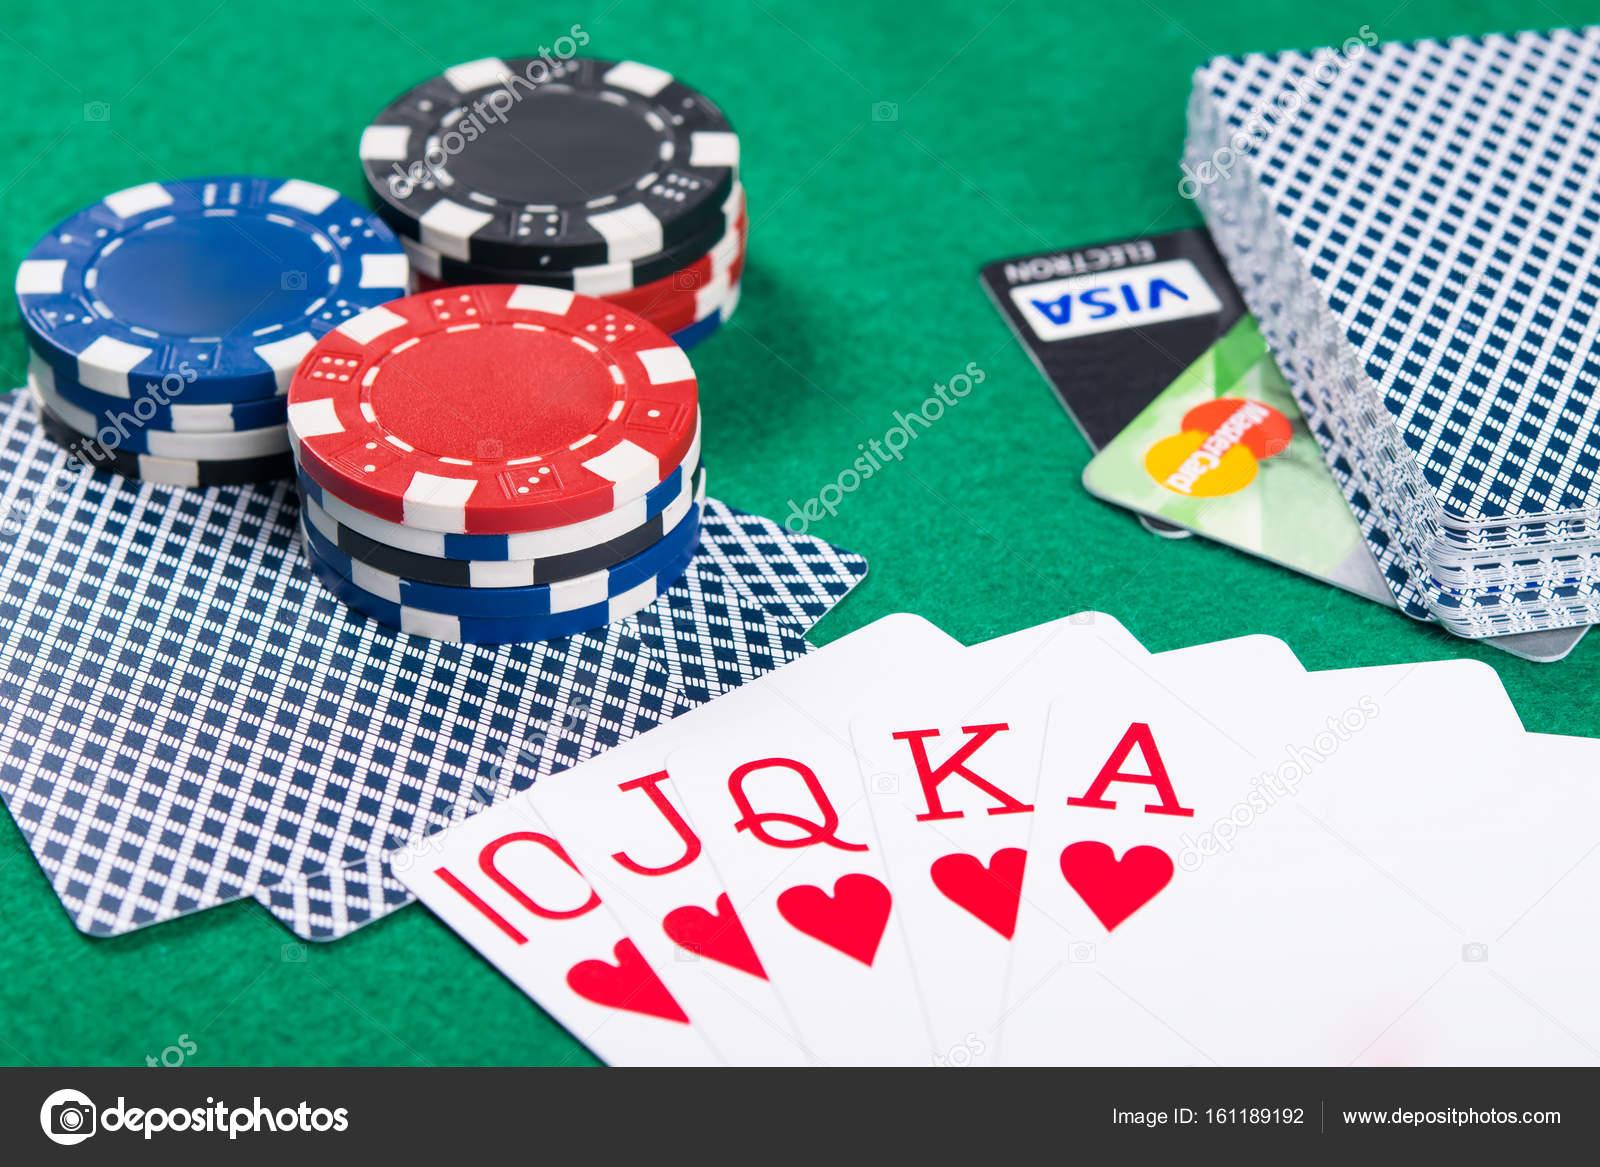 Играть в карты на деньги в покер голден интерстар бисс